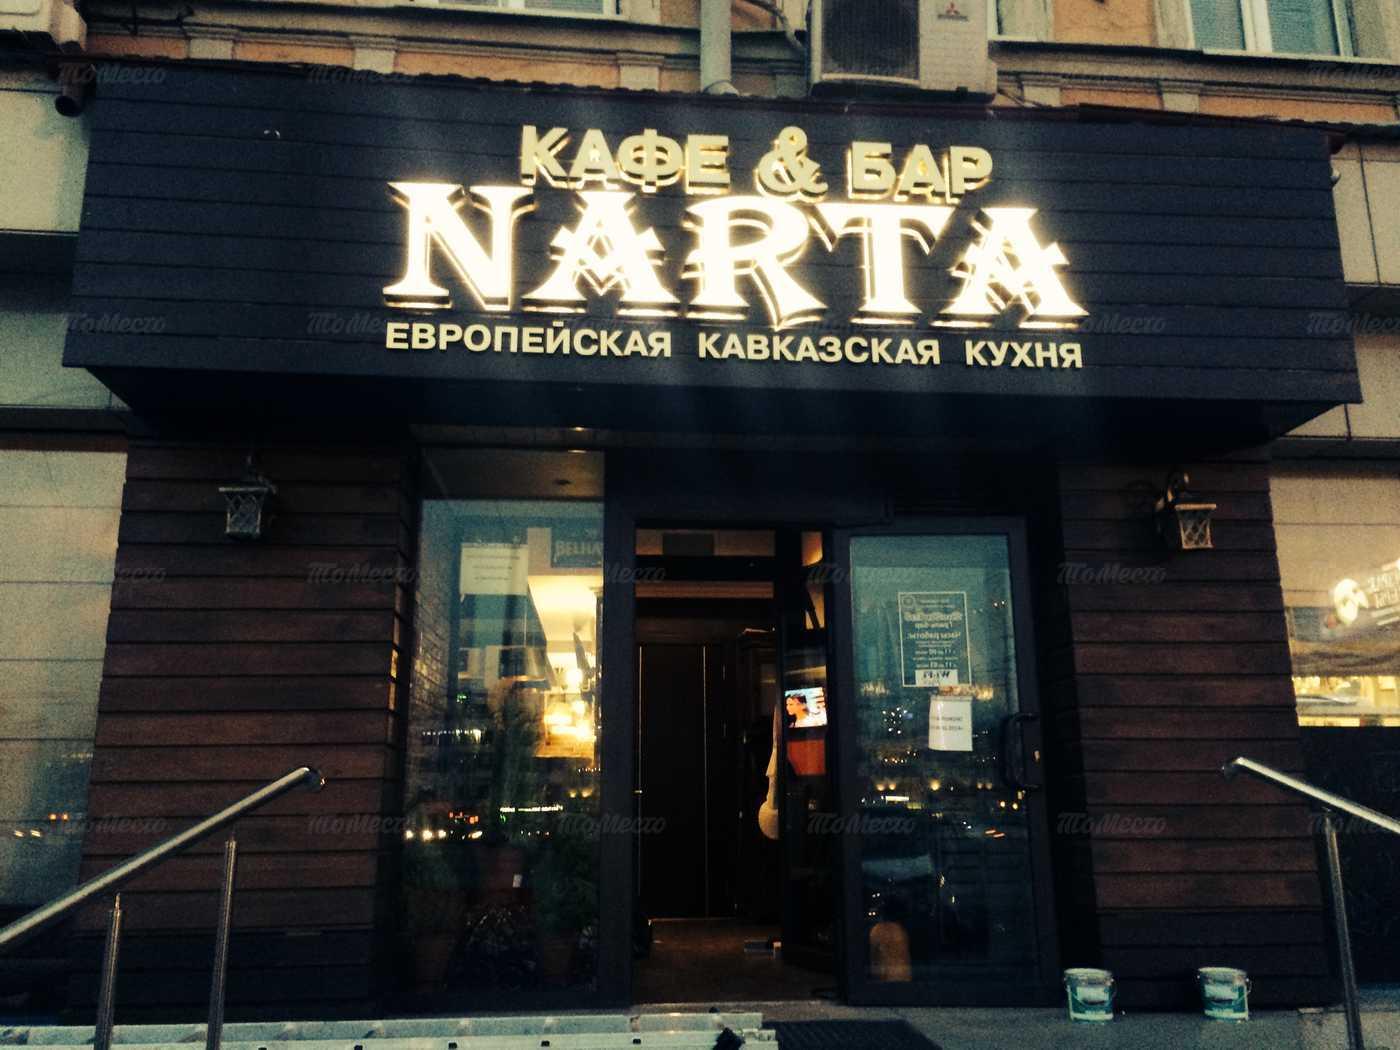 Меню бара, караоке клуба, кафе Нарта на Лесной улице